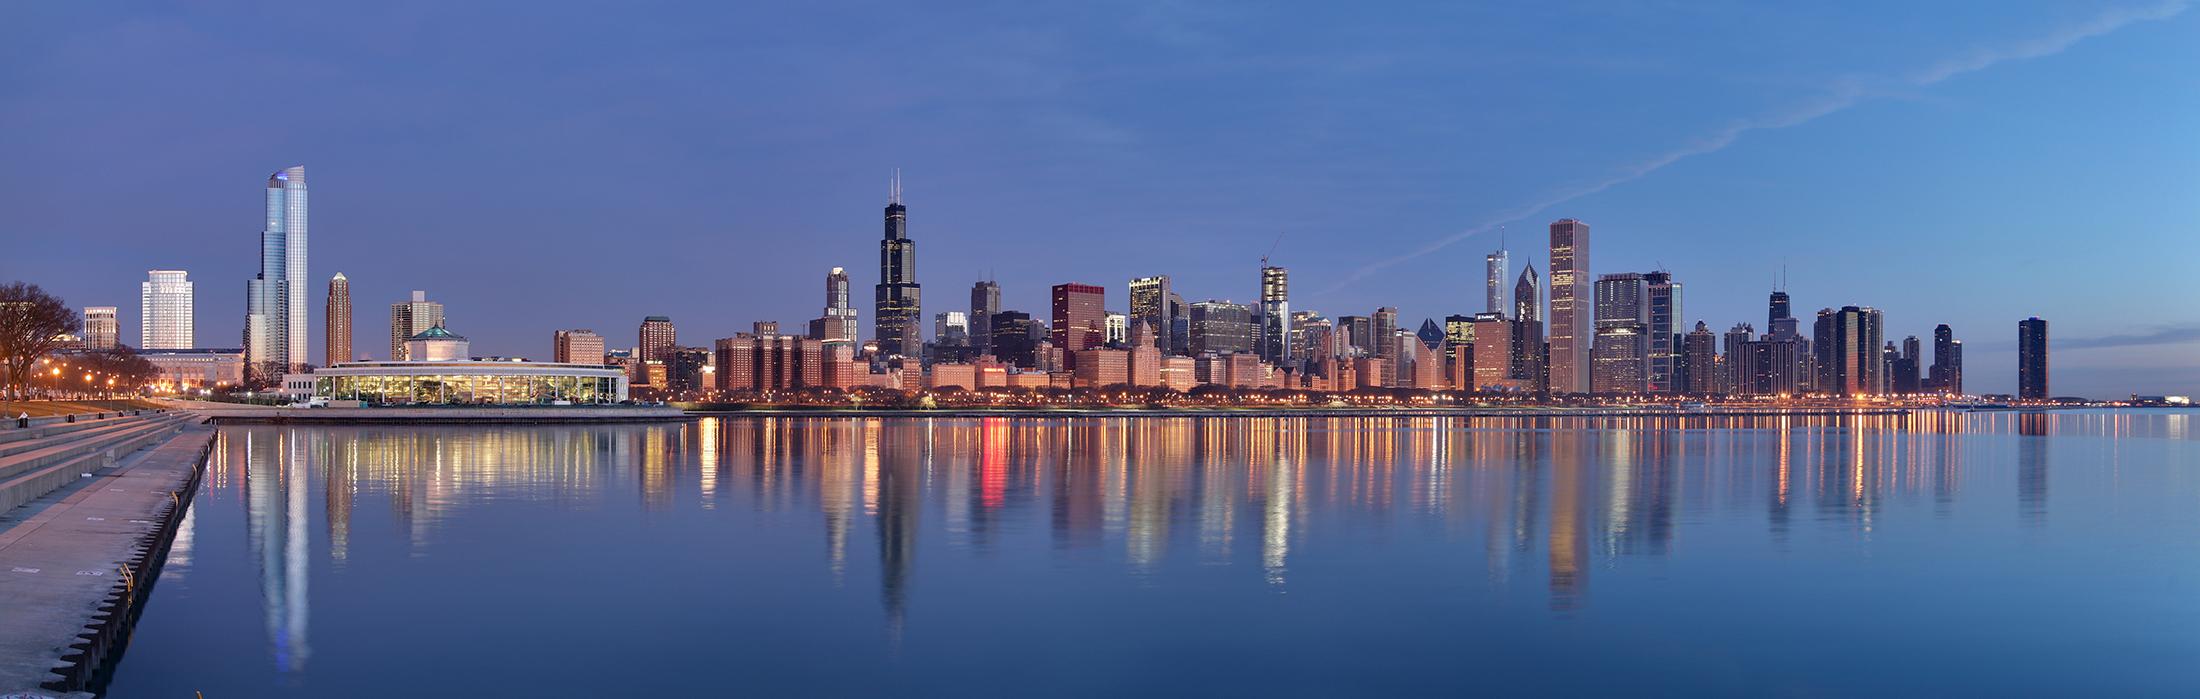 Chicago_sunrise_1-Sm